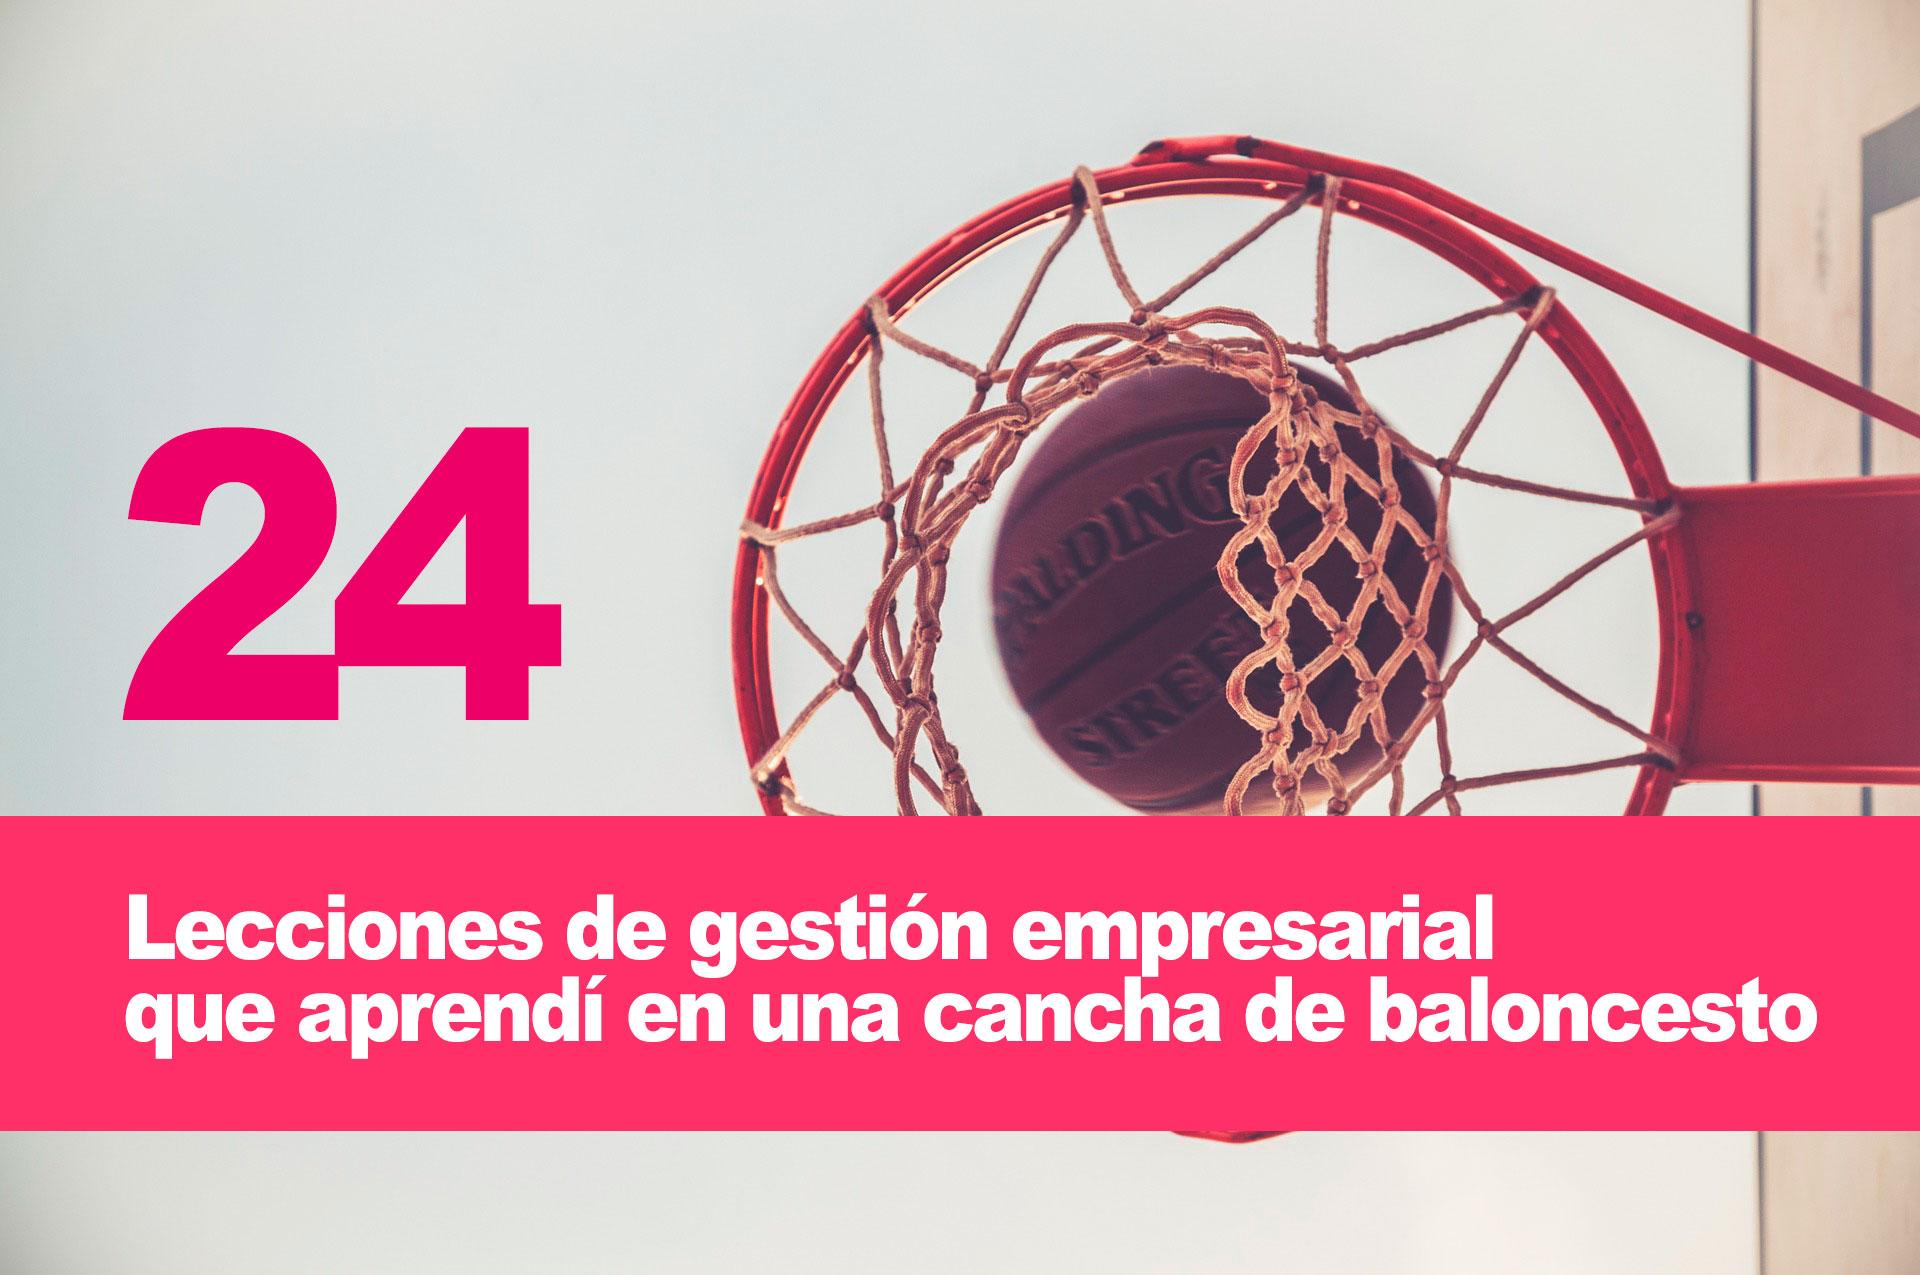 lecciones-baloncesto 24 lecciones de gestión empresarial que aprendí en una cancha de baloncesto